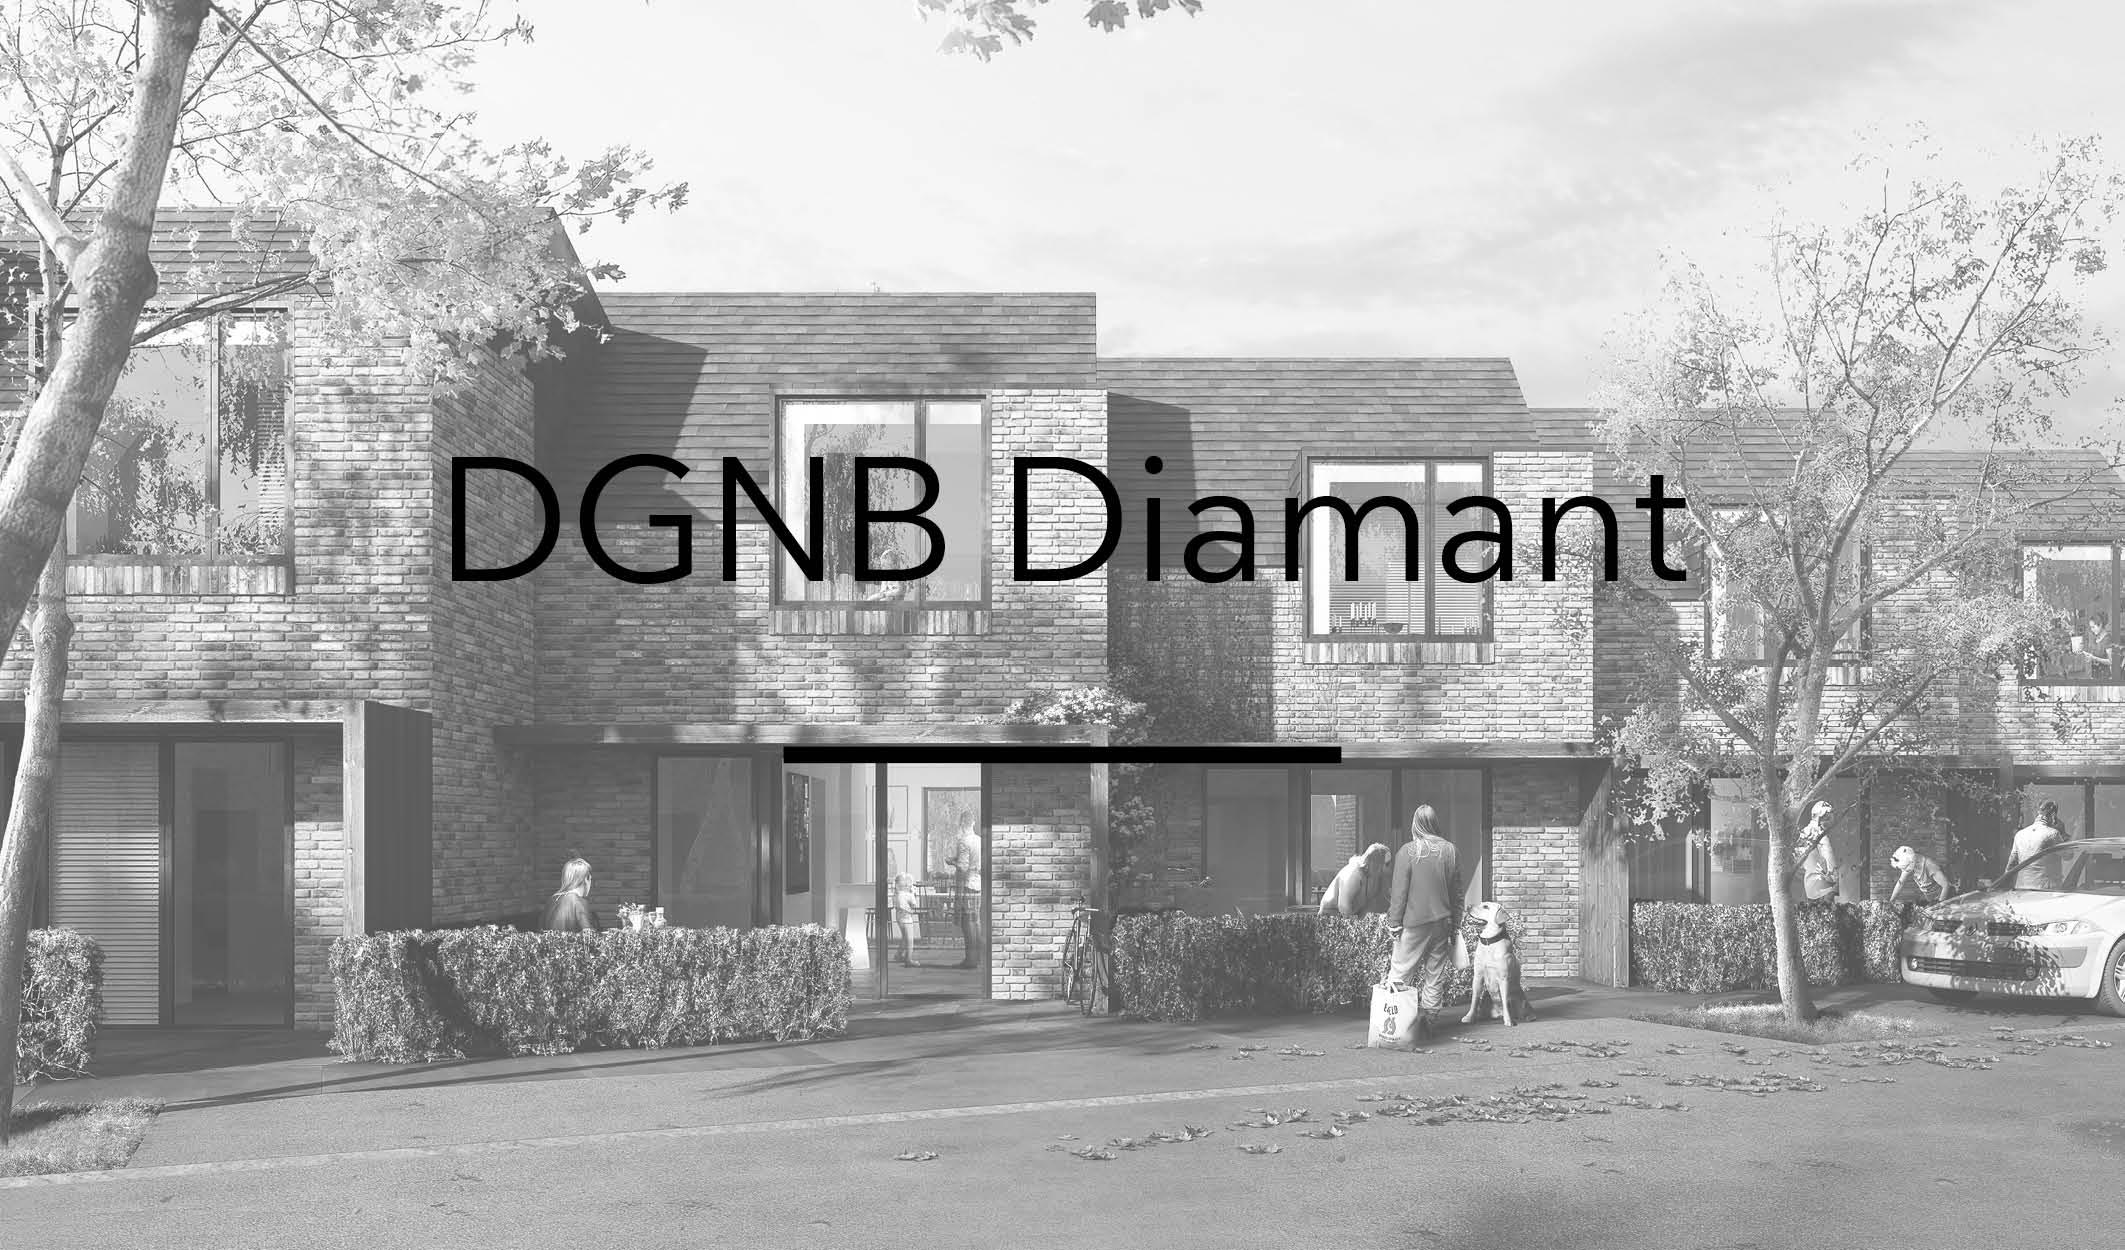 DGNB Diamant2